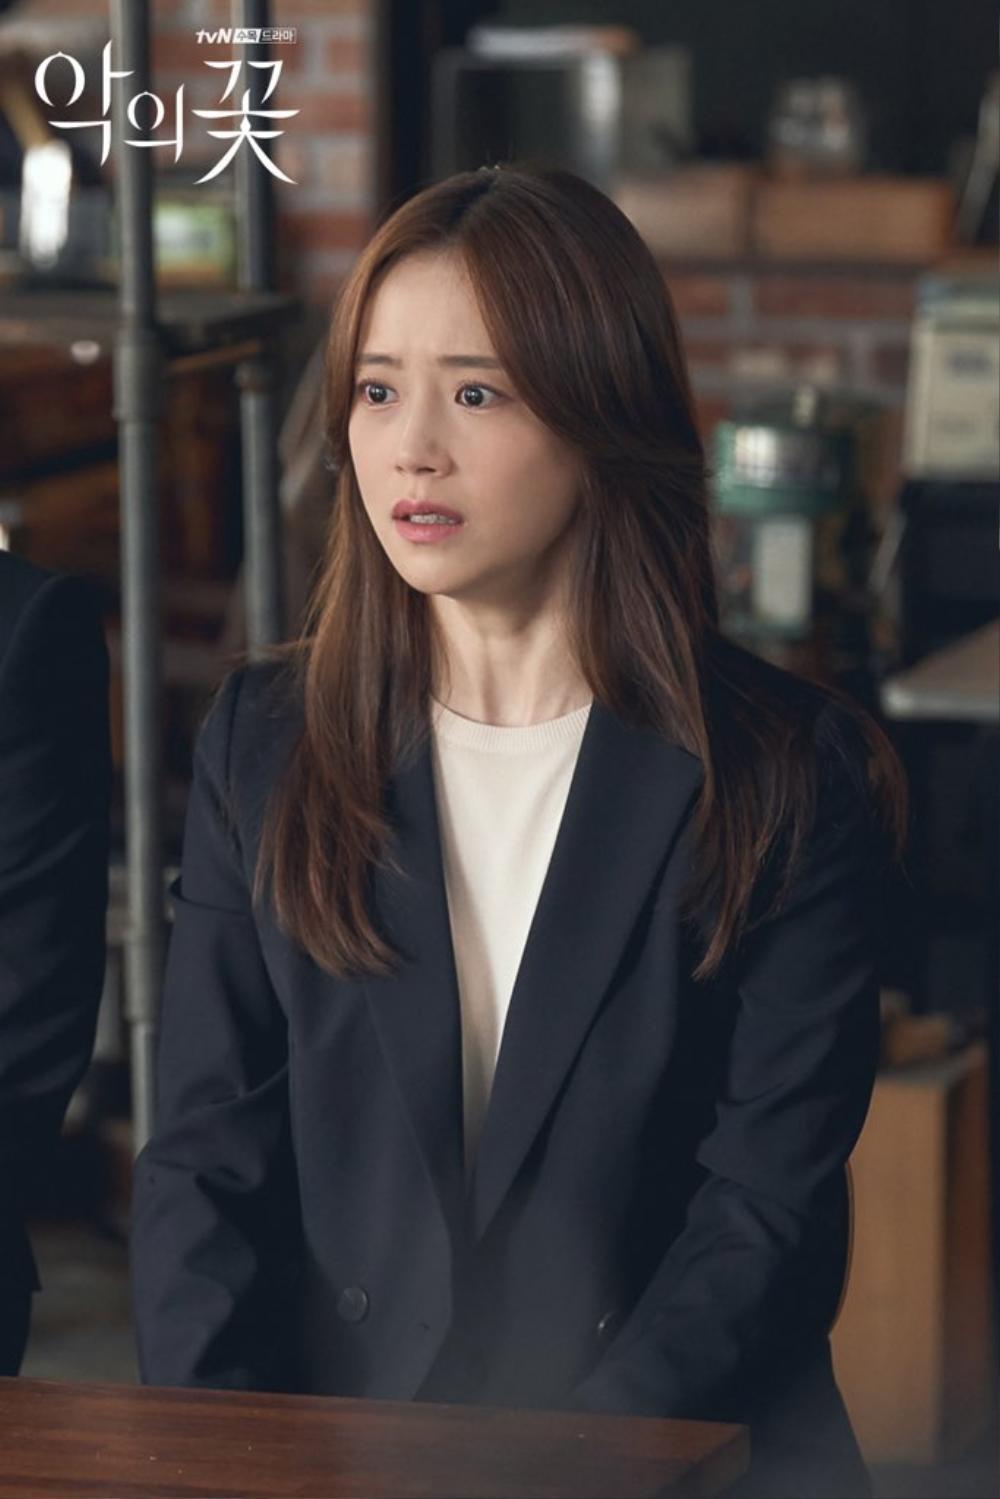 Phim của Im Soo Hyang, Ji Soo và Ha Seok Jin cùng phim của Moon Chae Won và Lee Joon Gi đều đạt rating cao nhất kể từ khi lên sóng Ảnh 4